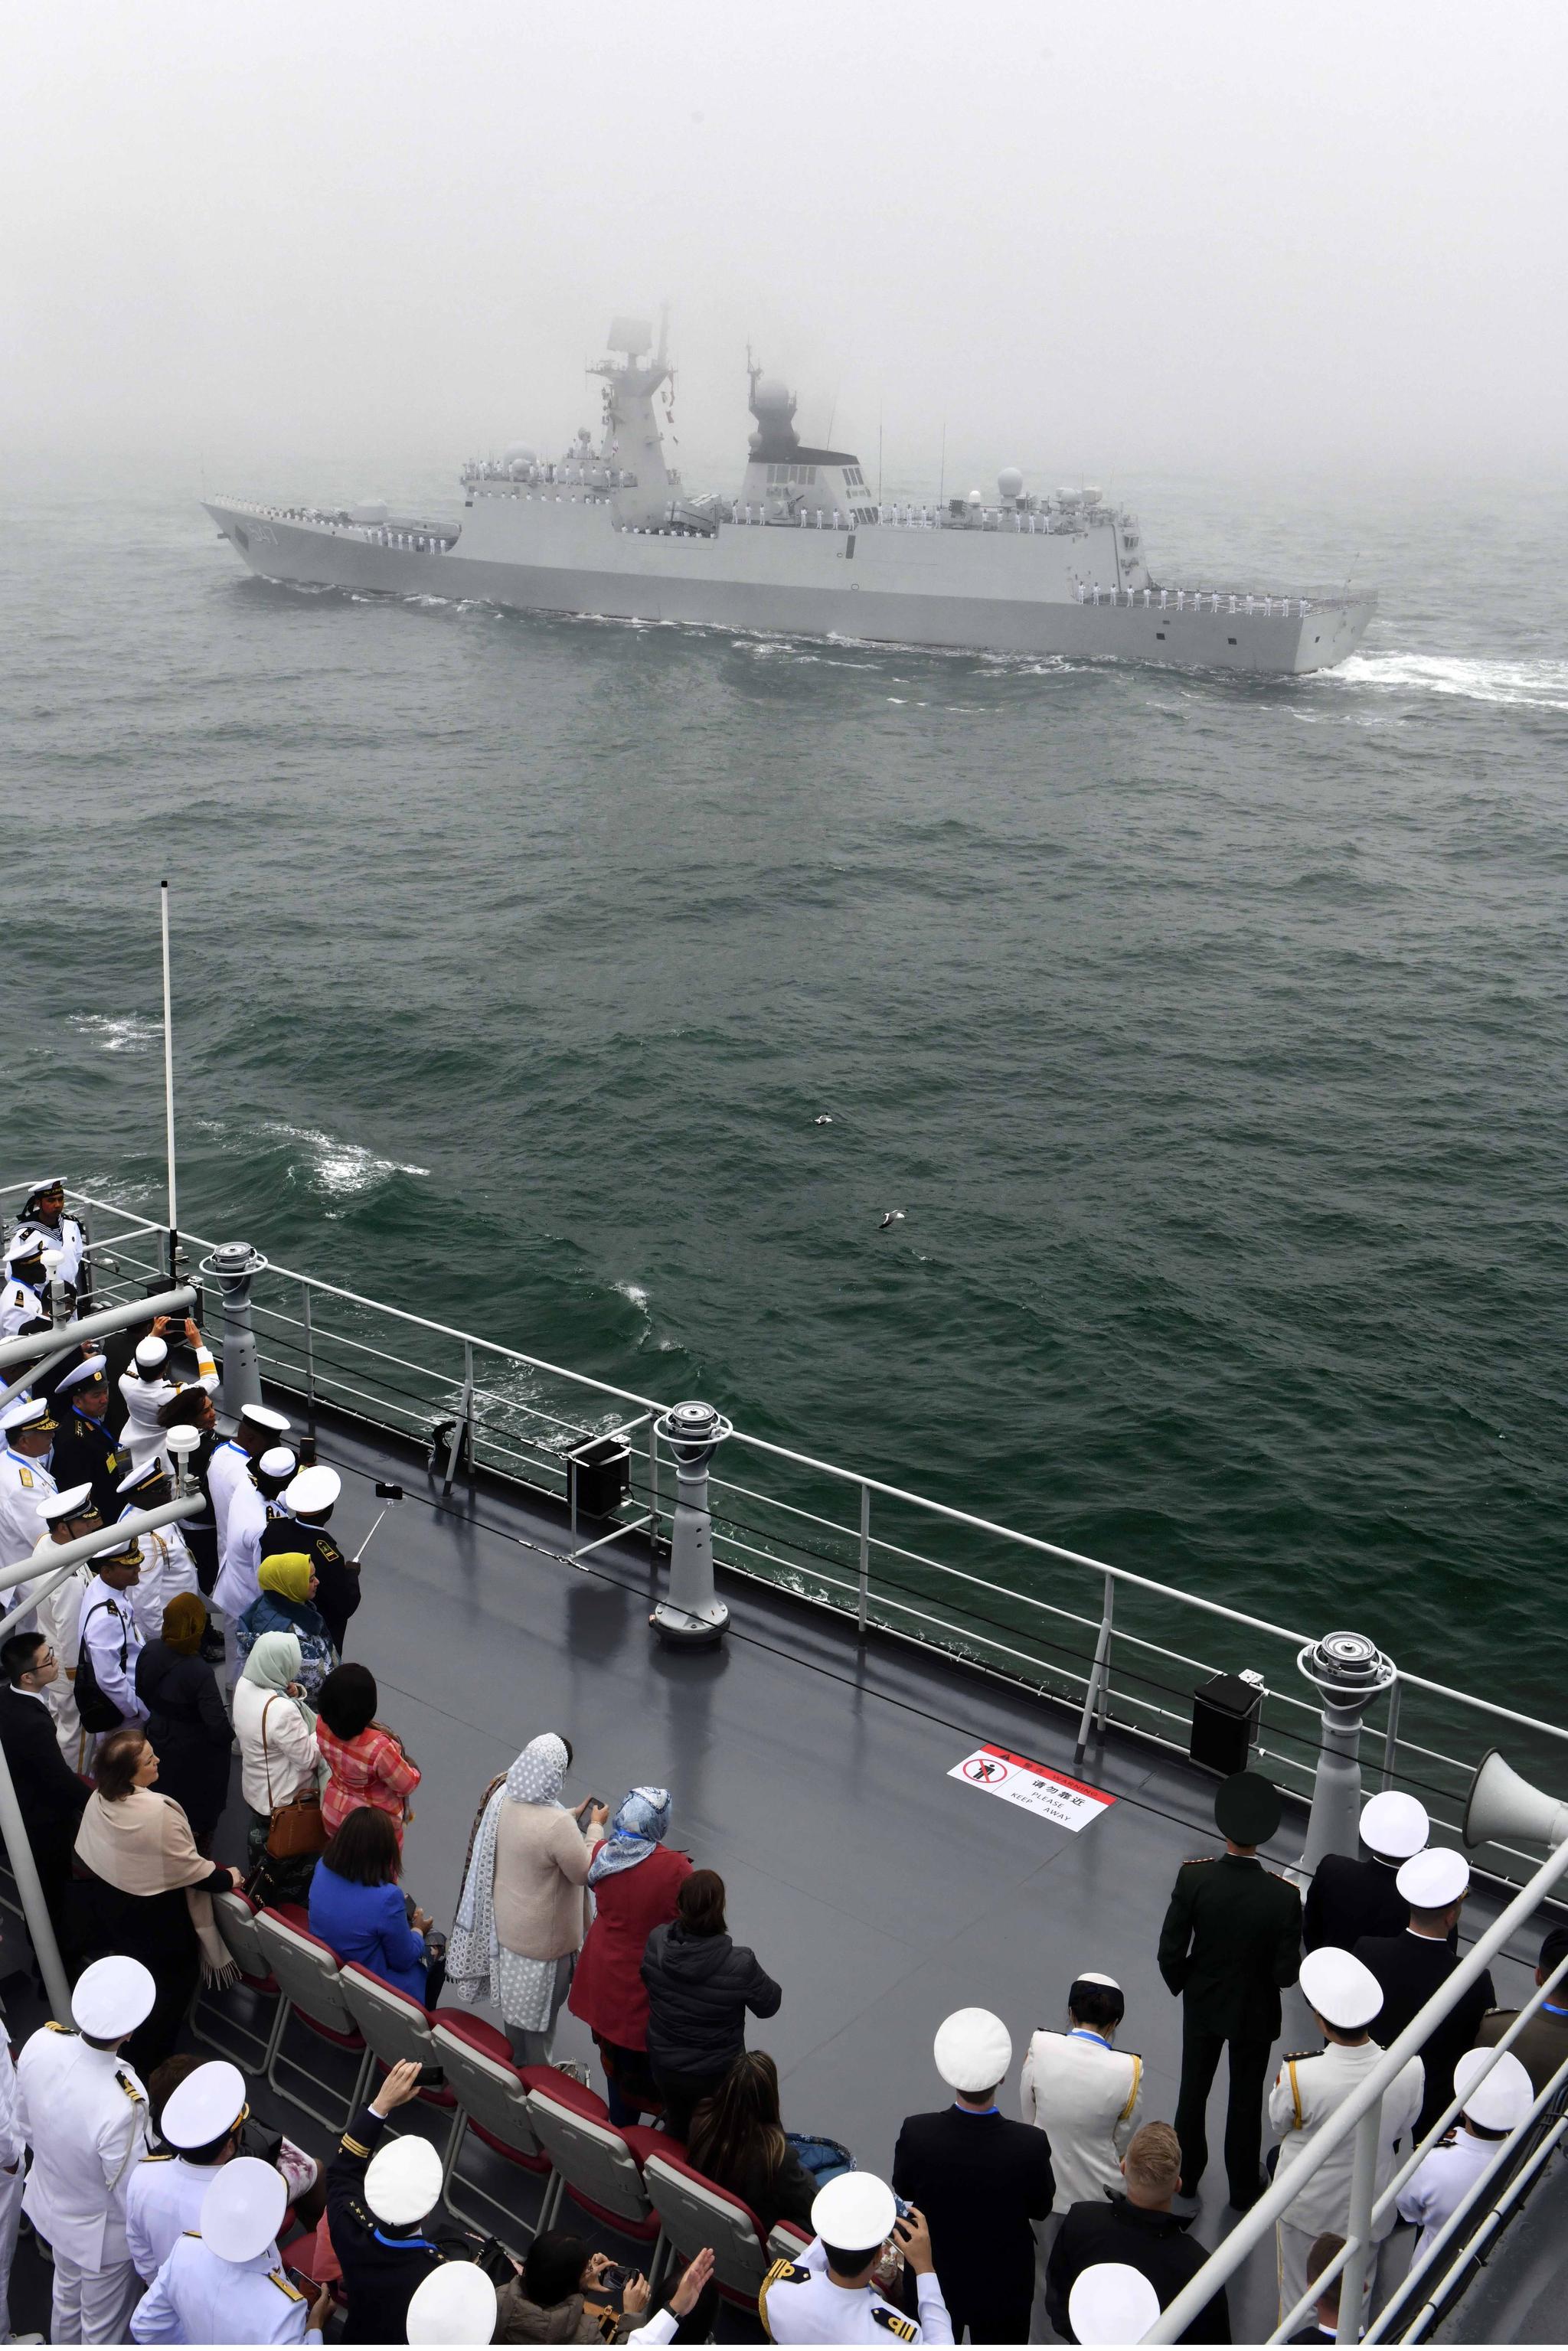 이날 참석한 관계자들이 해상열병식을 바라보고 있다. [신화=연합뉴스]